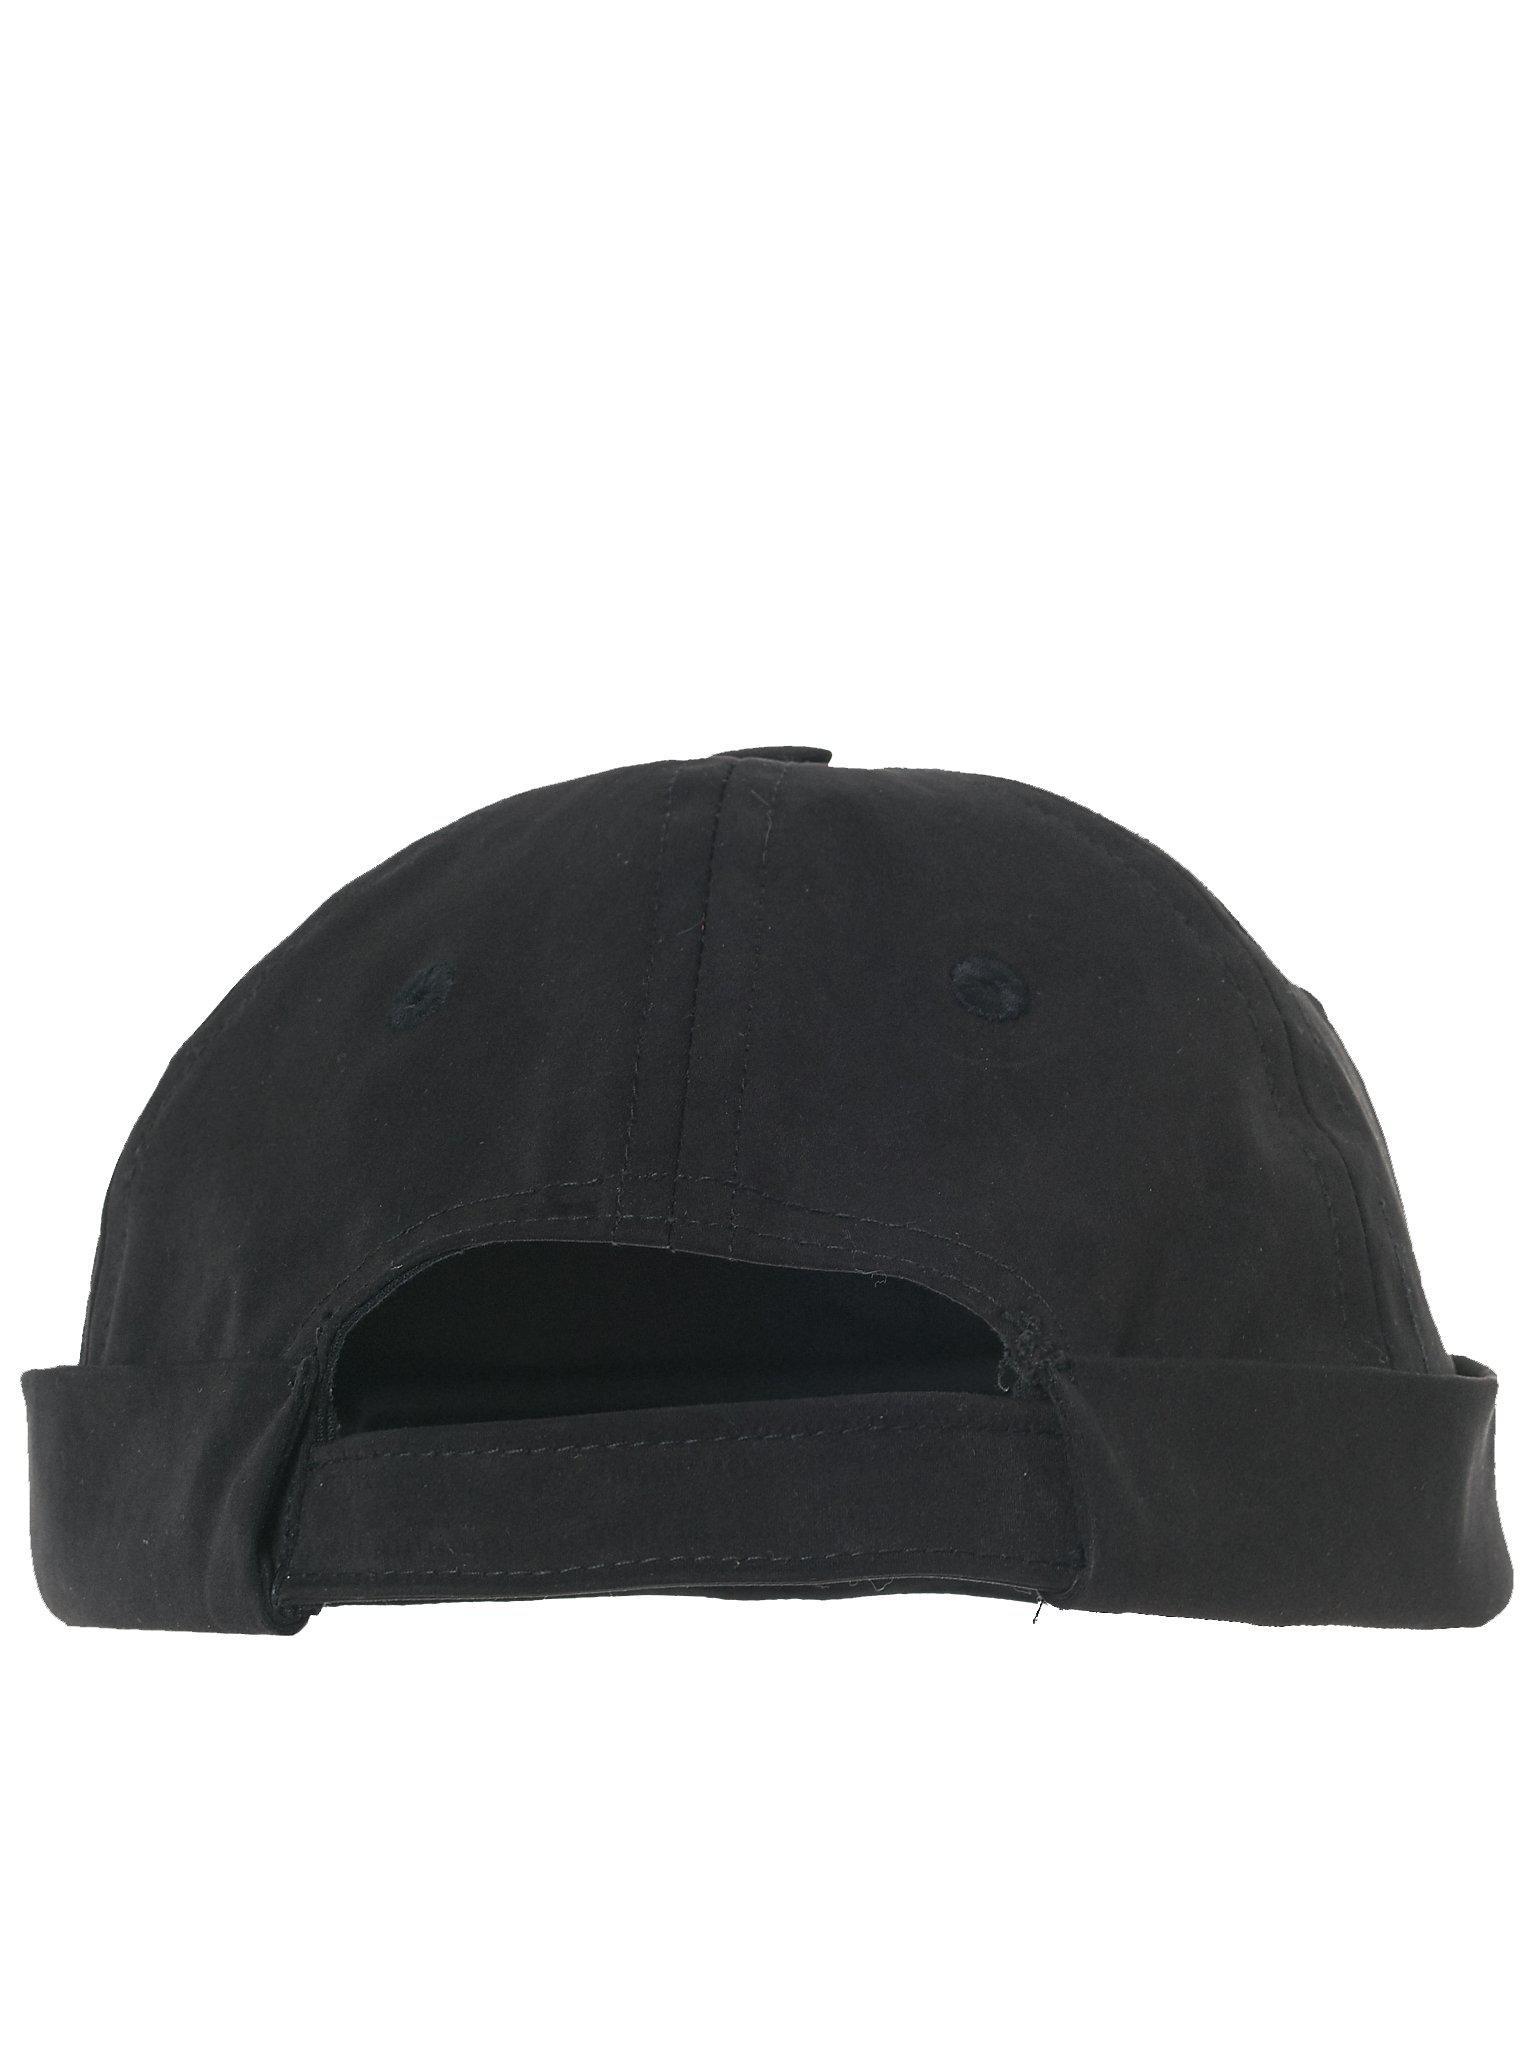 090ecef163b Lyst - Boris Bidjan Saberi 11 Embroidered Brimless Cap in Black for Men